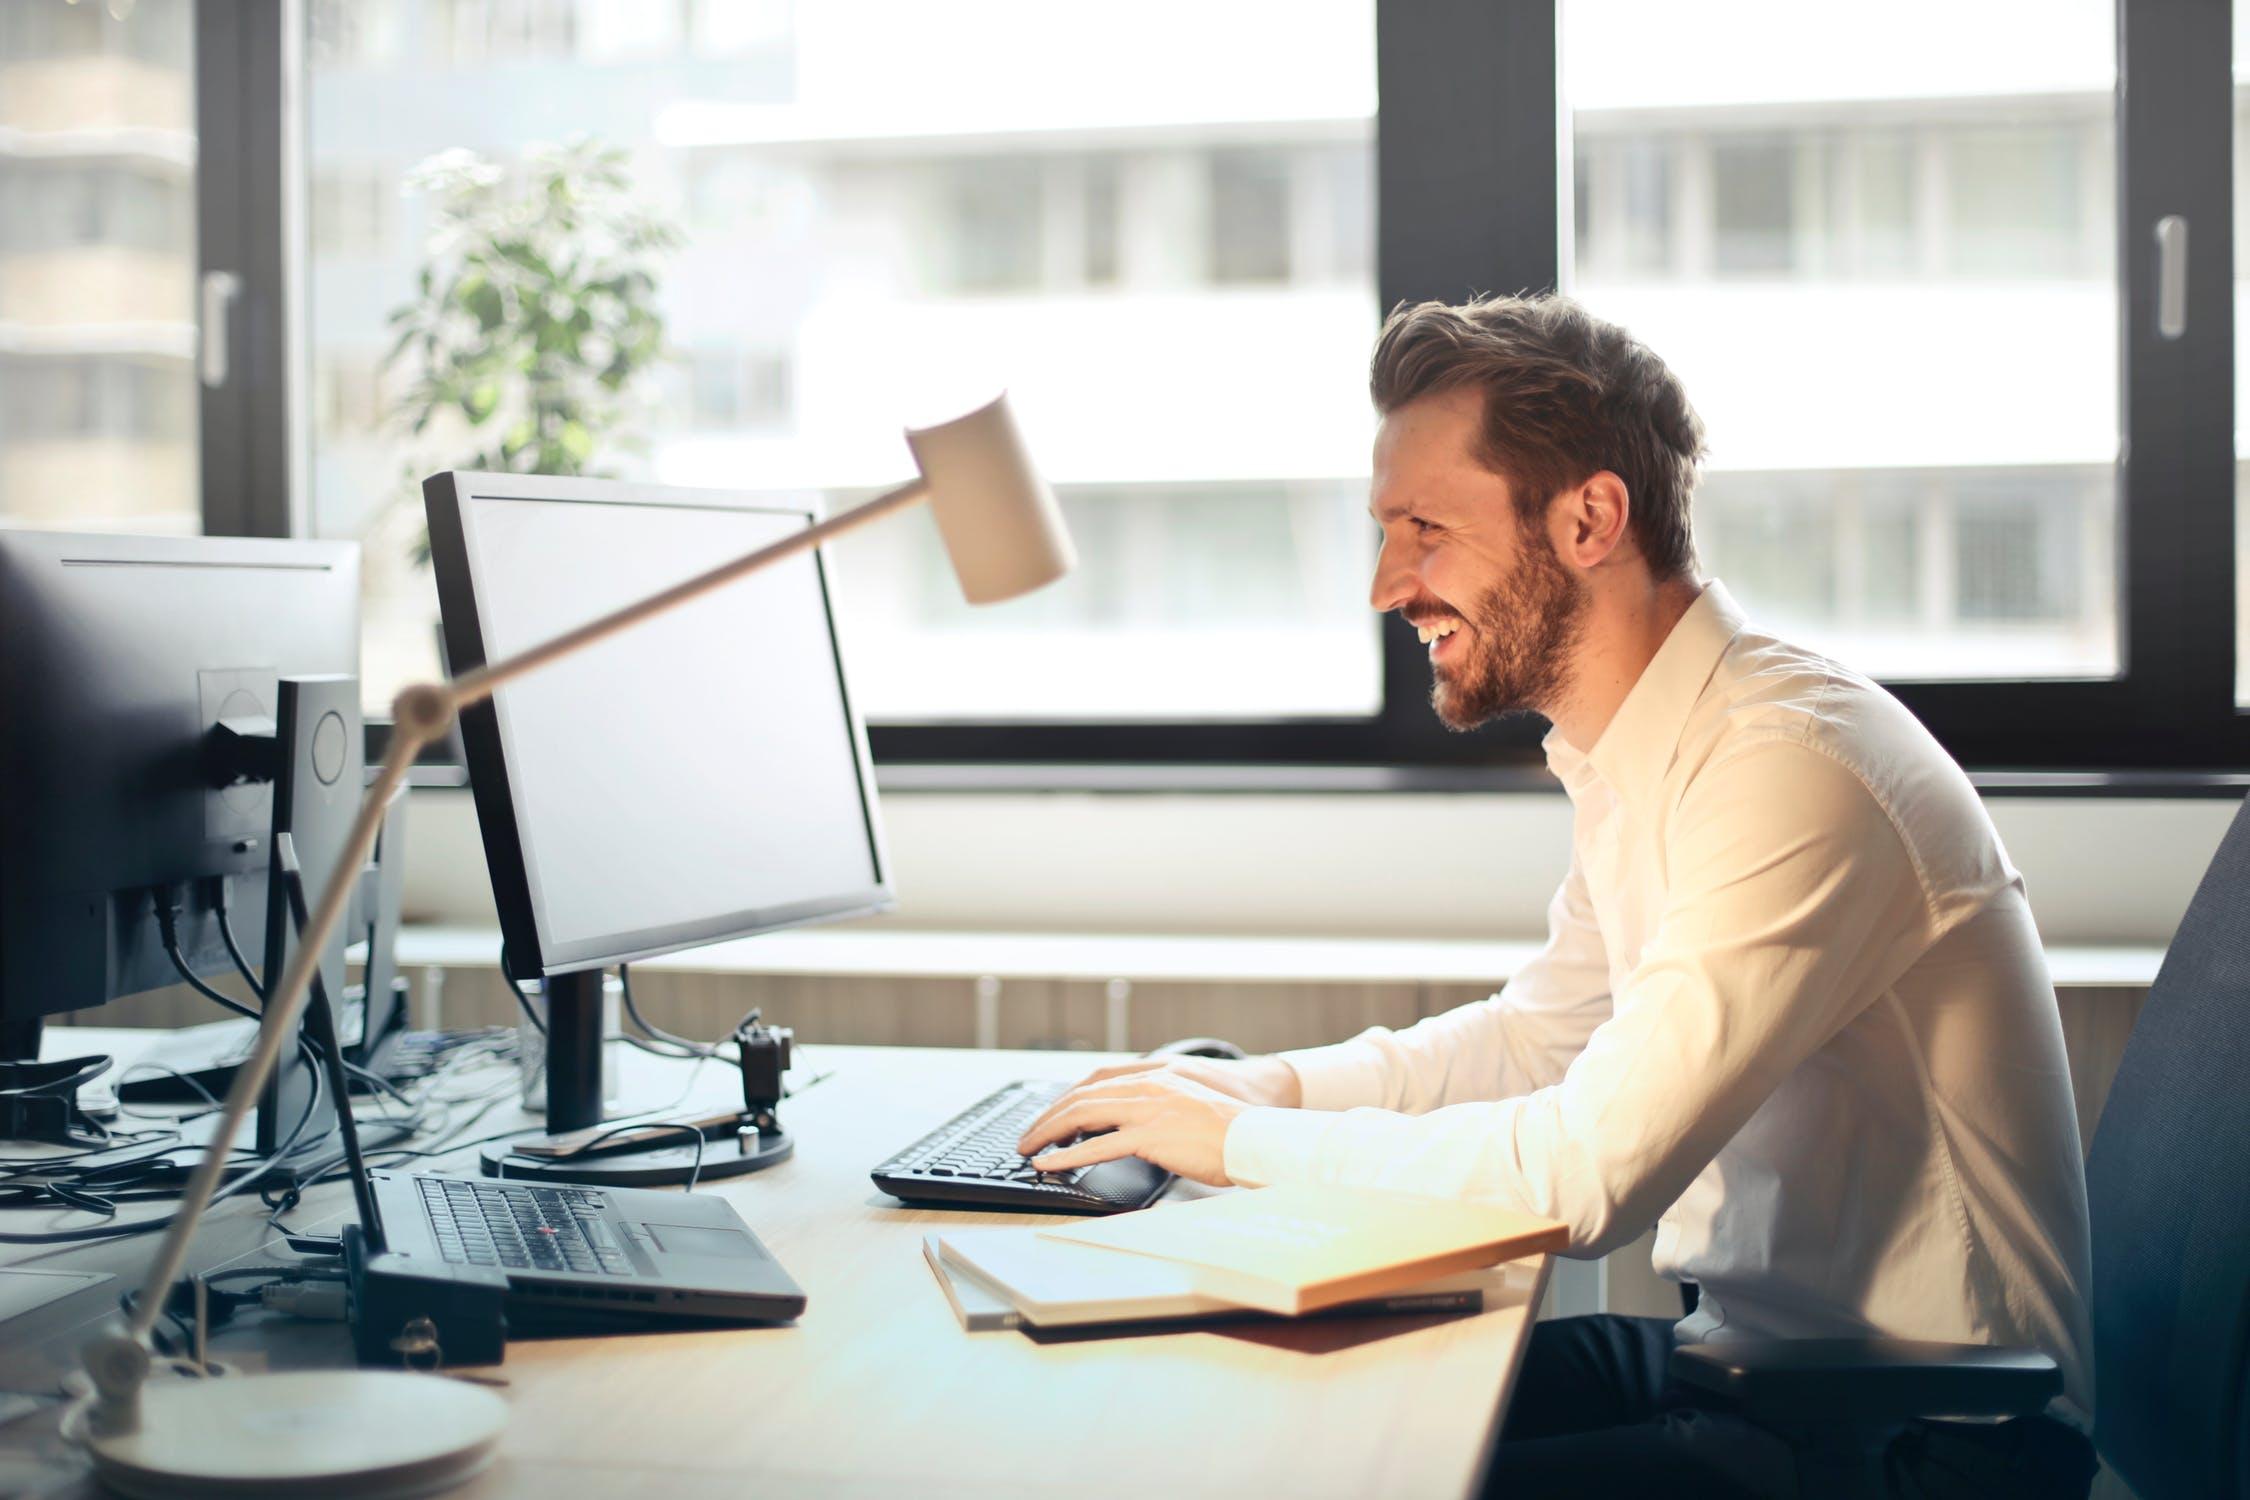 Man Smiling while working on desktop